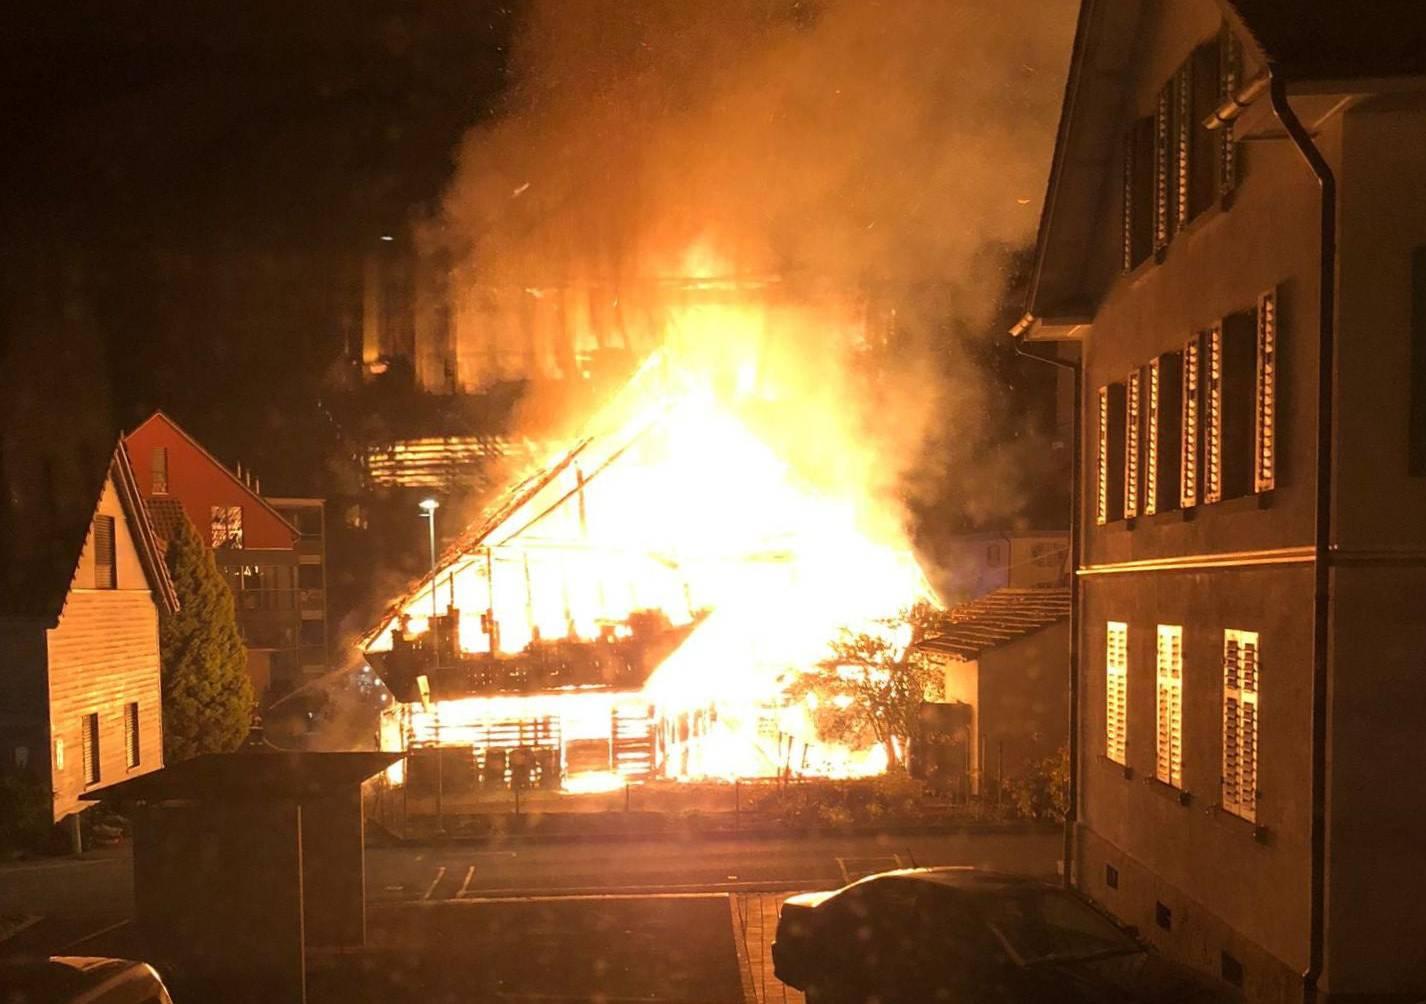 Das älteste Haus des Dorfes brannte bis auf die Grundmauern nieder.